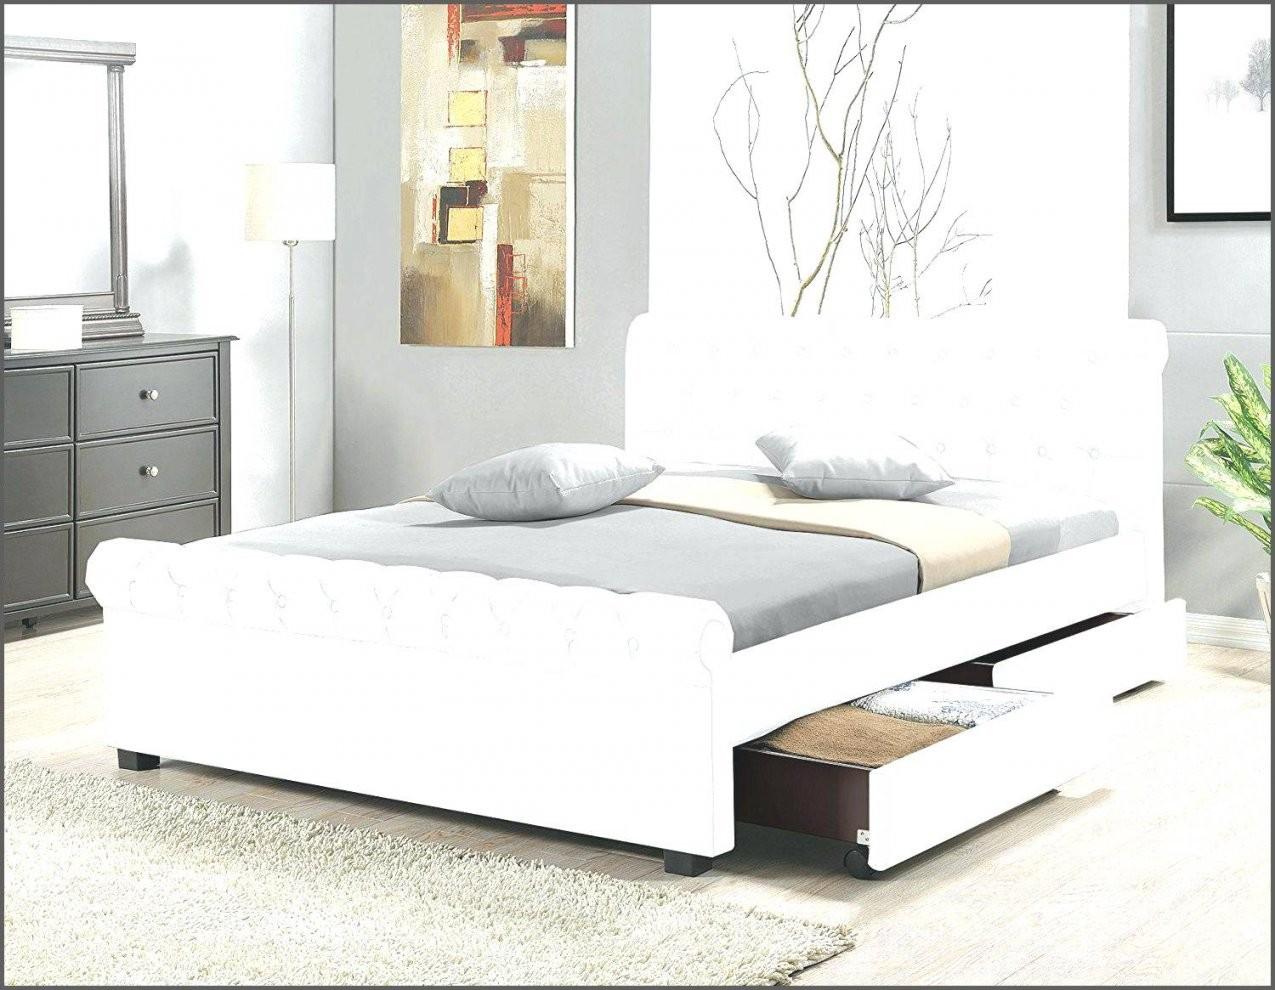 Stabile Betten Ubergewichtige Massivholzbett Bett 180X200 Von von Stabiles Bett 180X200 Photo